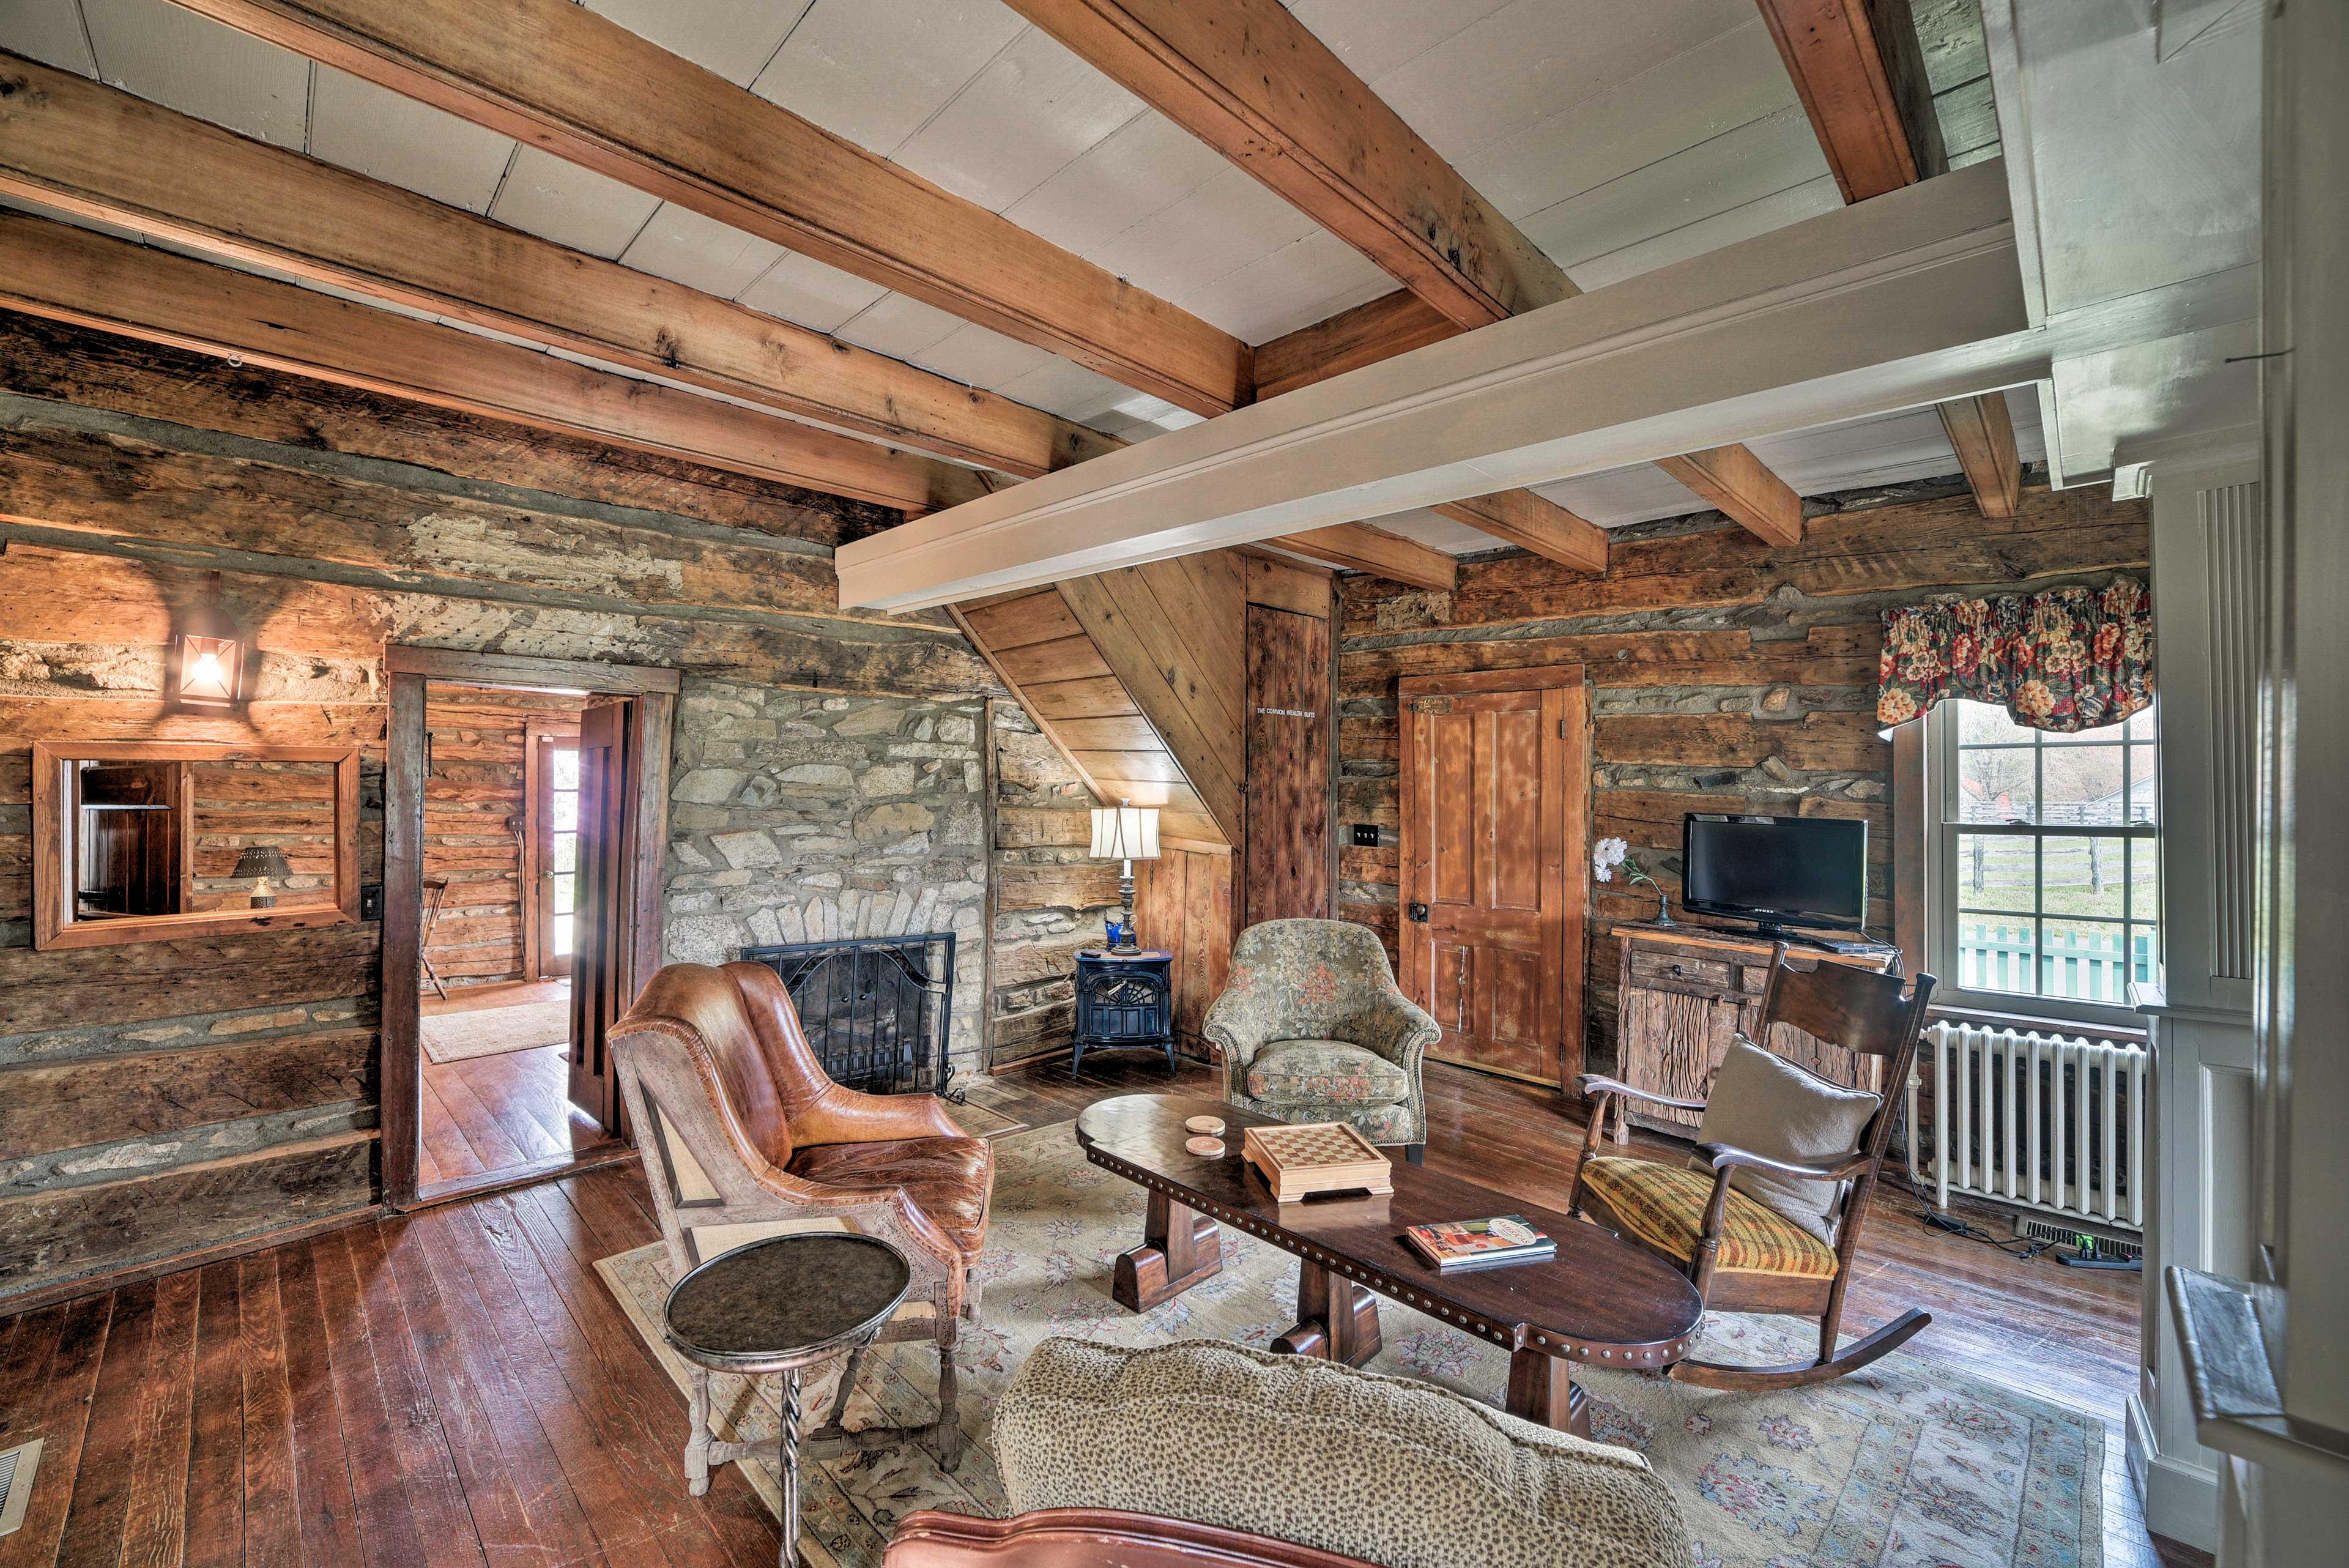 Original Portion of Home | Decorative Fireplace